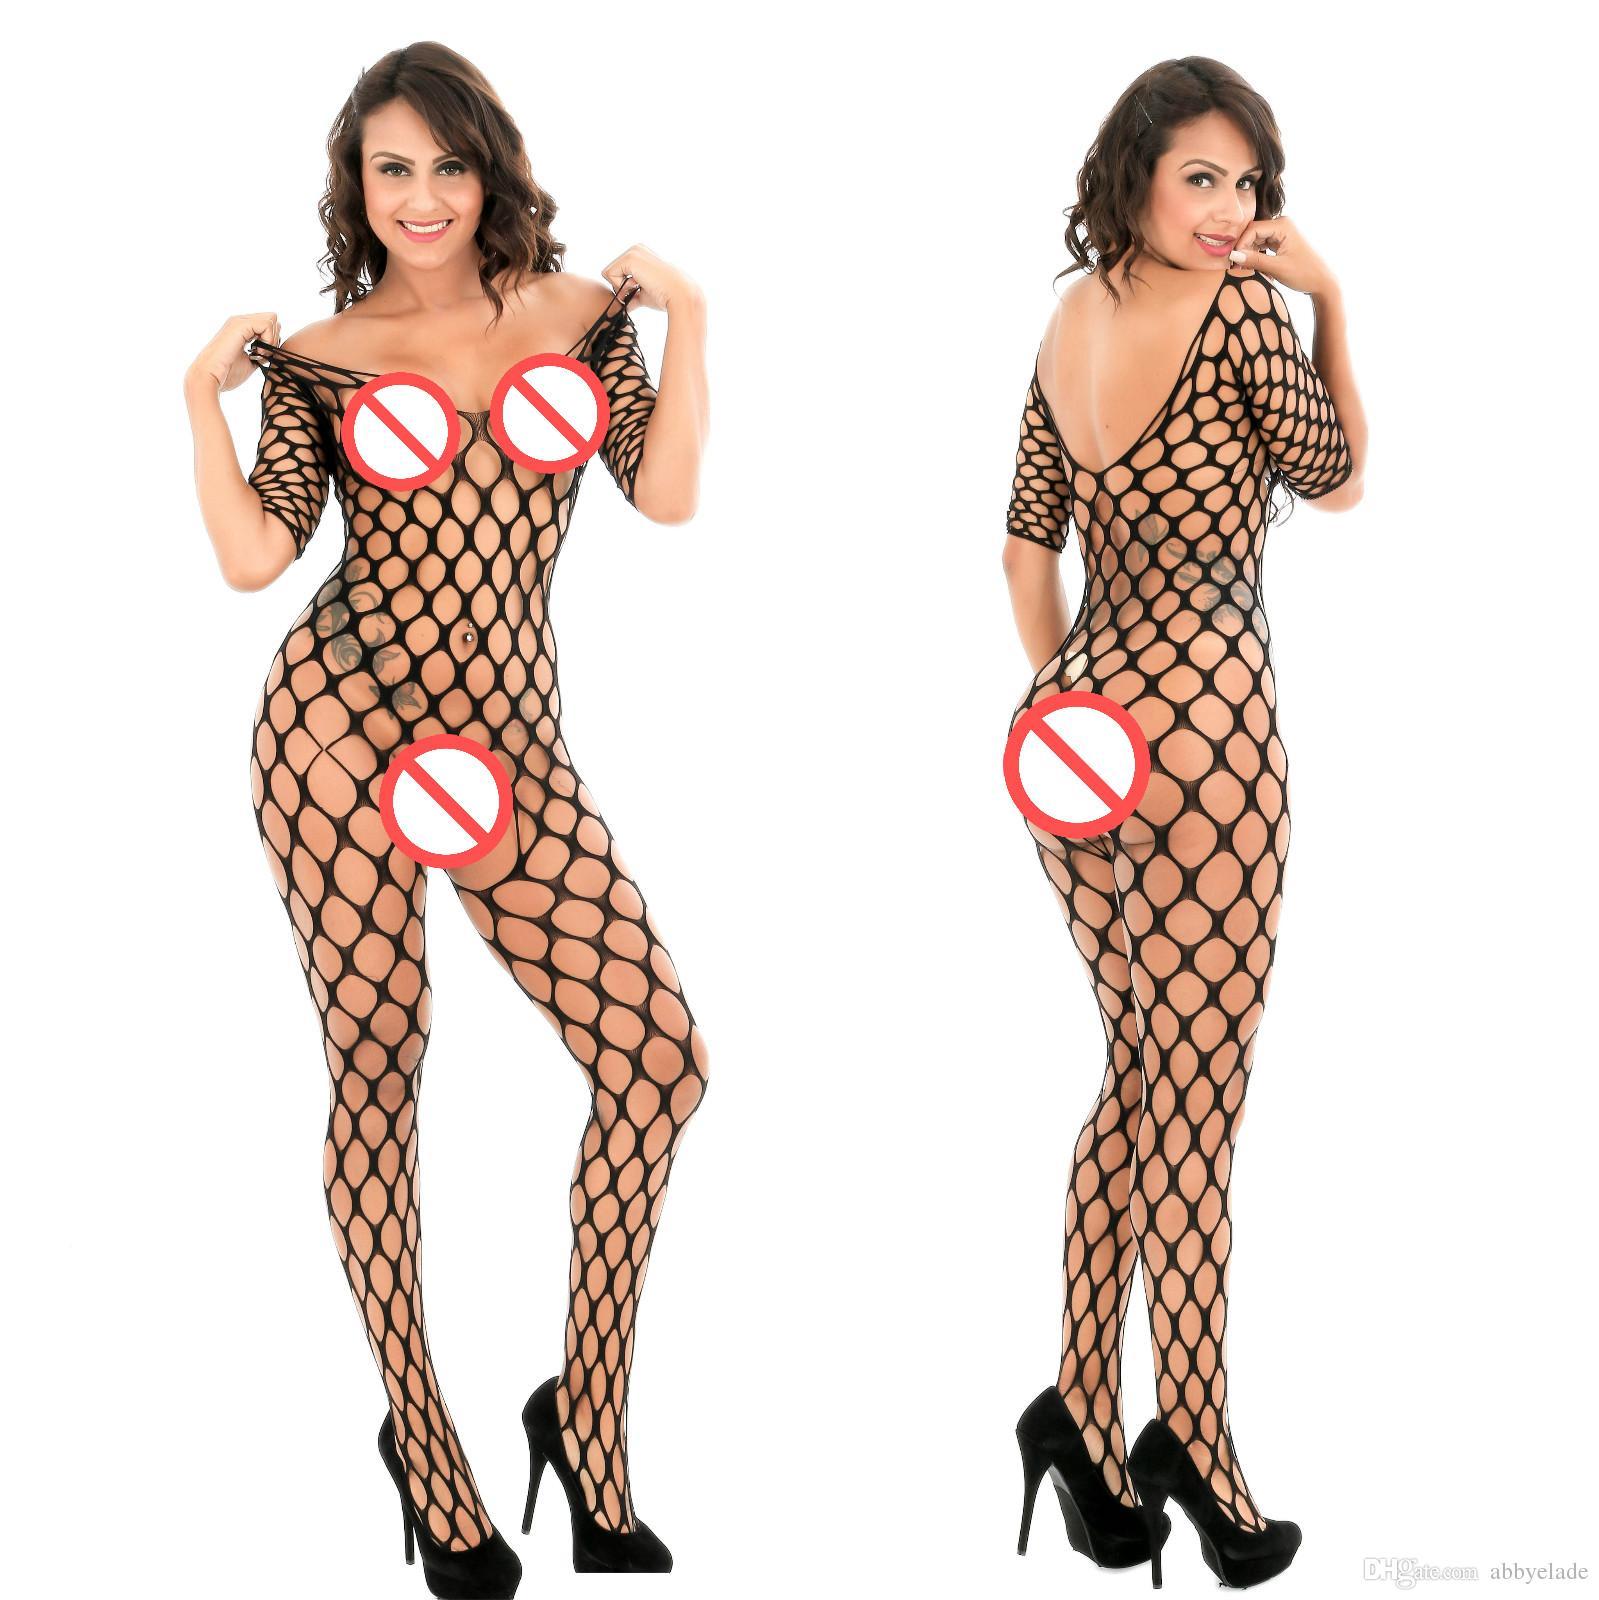 Femmina erotica Sexy Costumes Womens biancheria del sesso aperta della biforcazione del corpo Stocking lingere Sexy Fishnet Bodystocking Sexy Woman trasparente